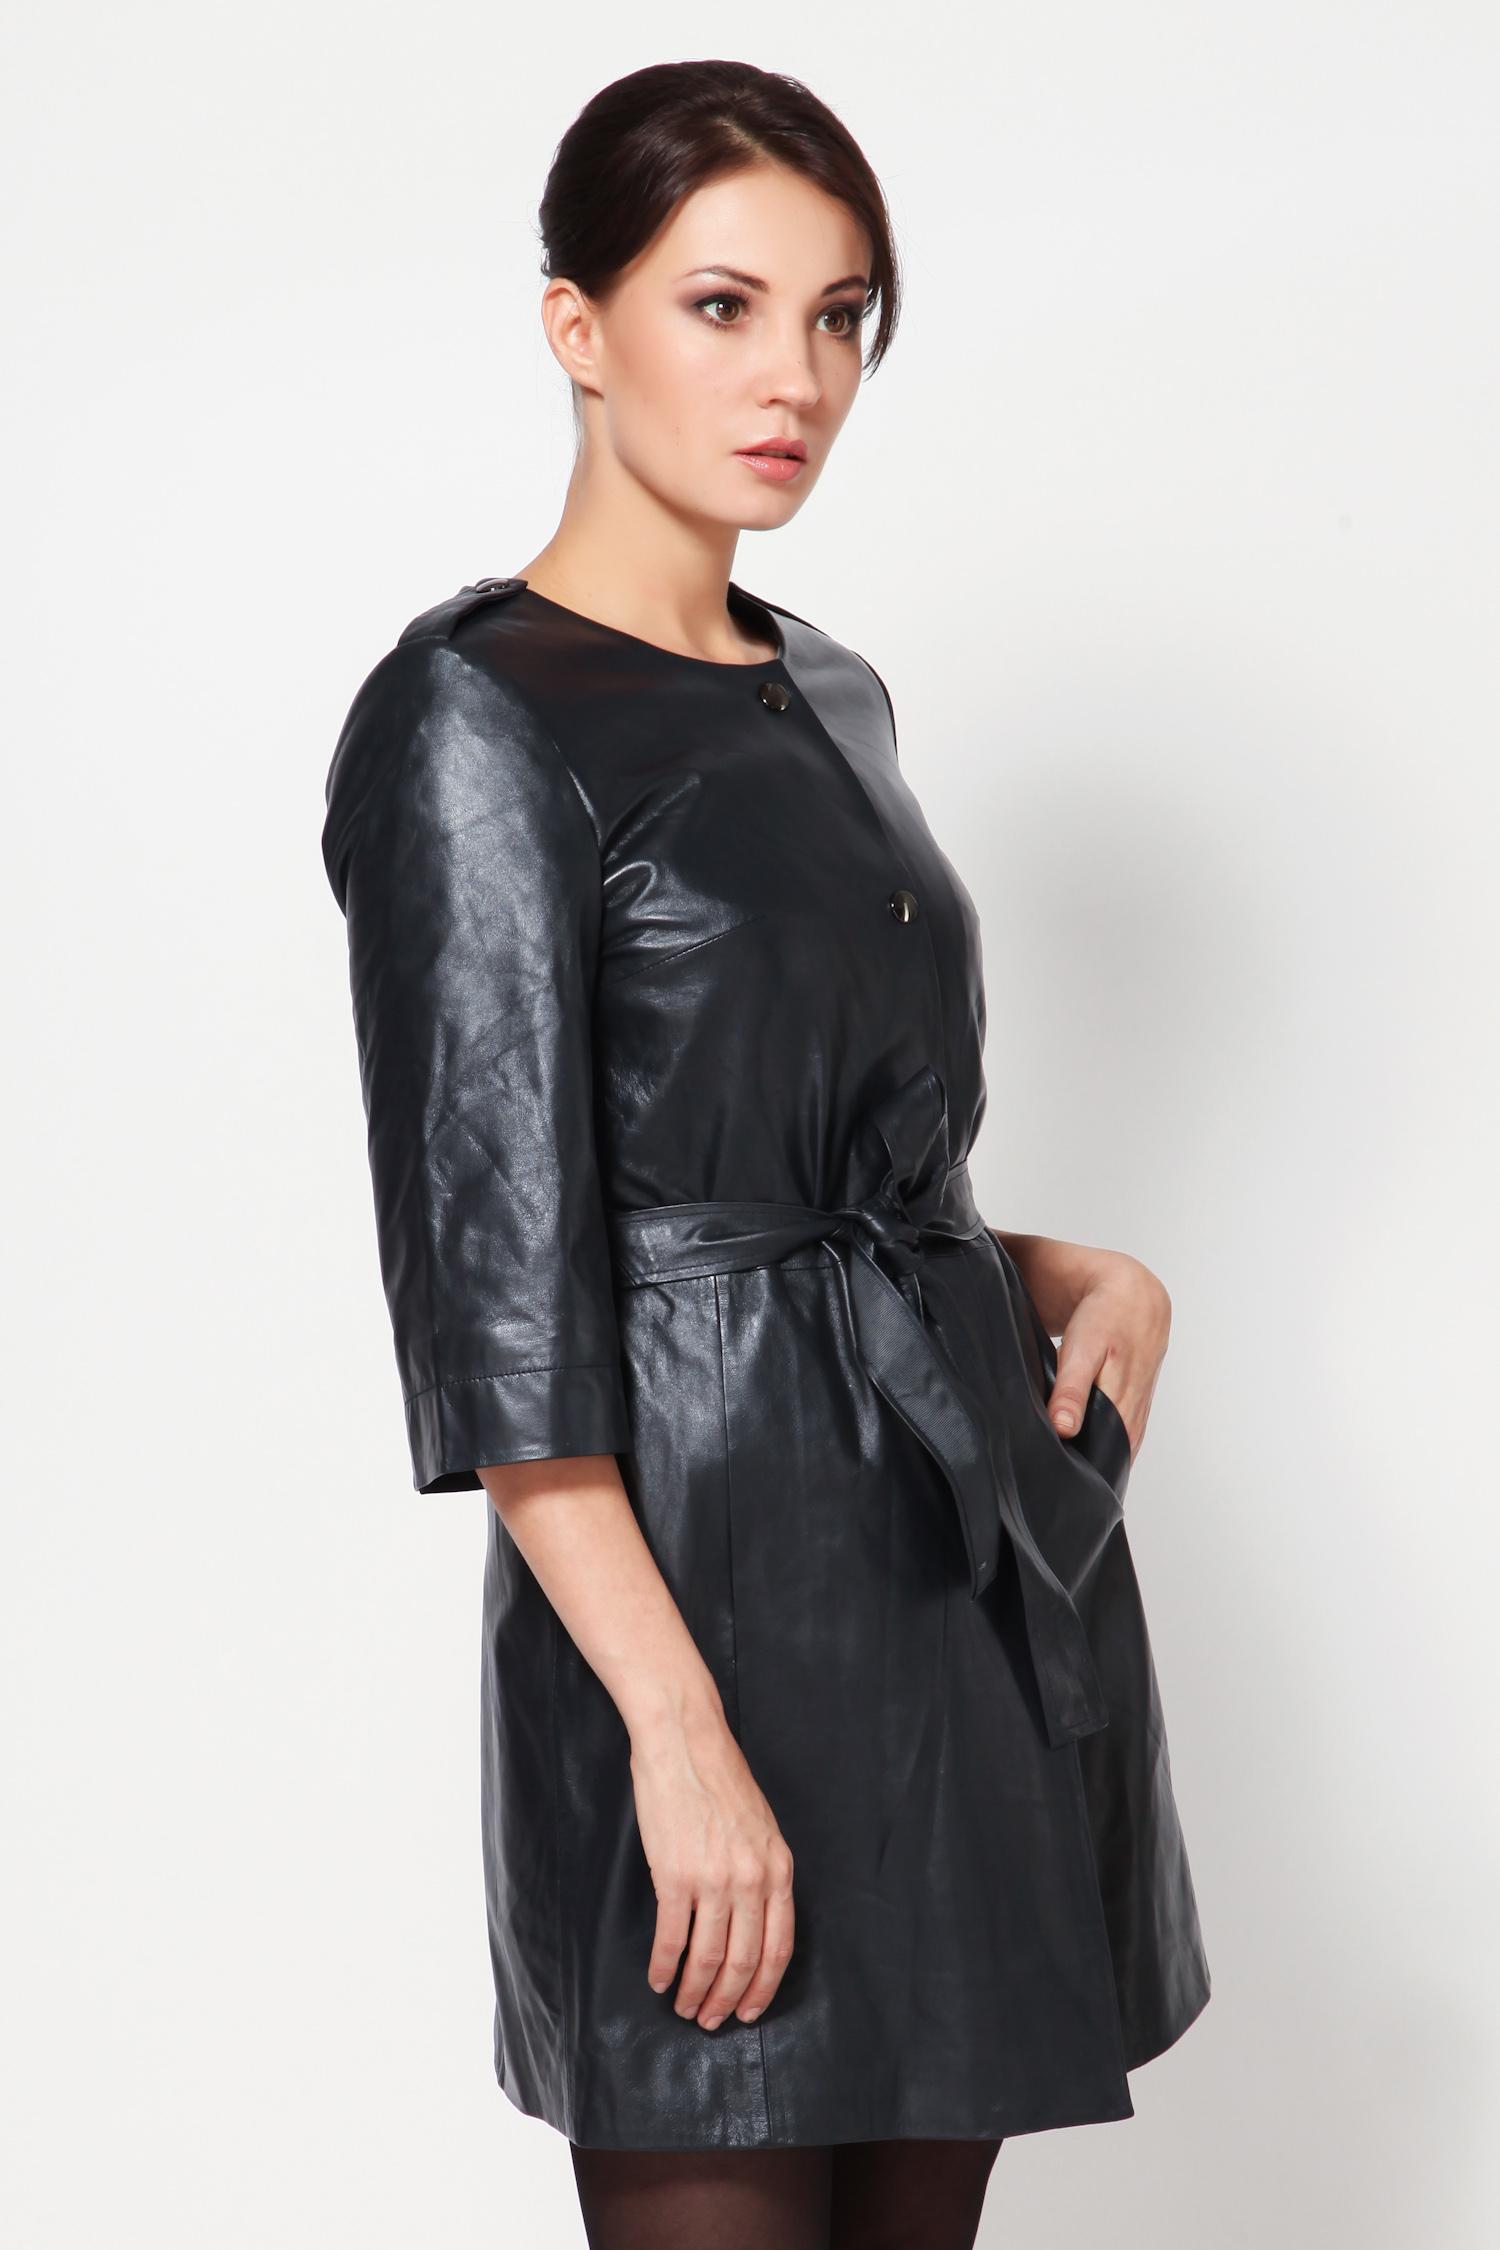 Женское кожаное пальто из натуральной кожи с воротником, без отделки<br><br>Воротник: Шанель<br>Длина см: 85<br>Материал: Плонже<br>Цвет: Синий<br>Пол: Женский